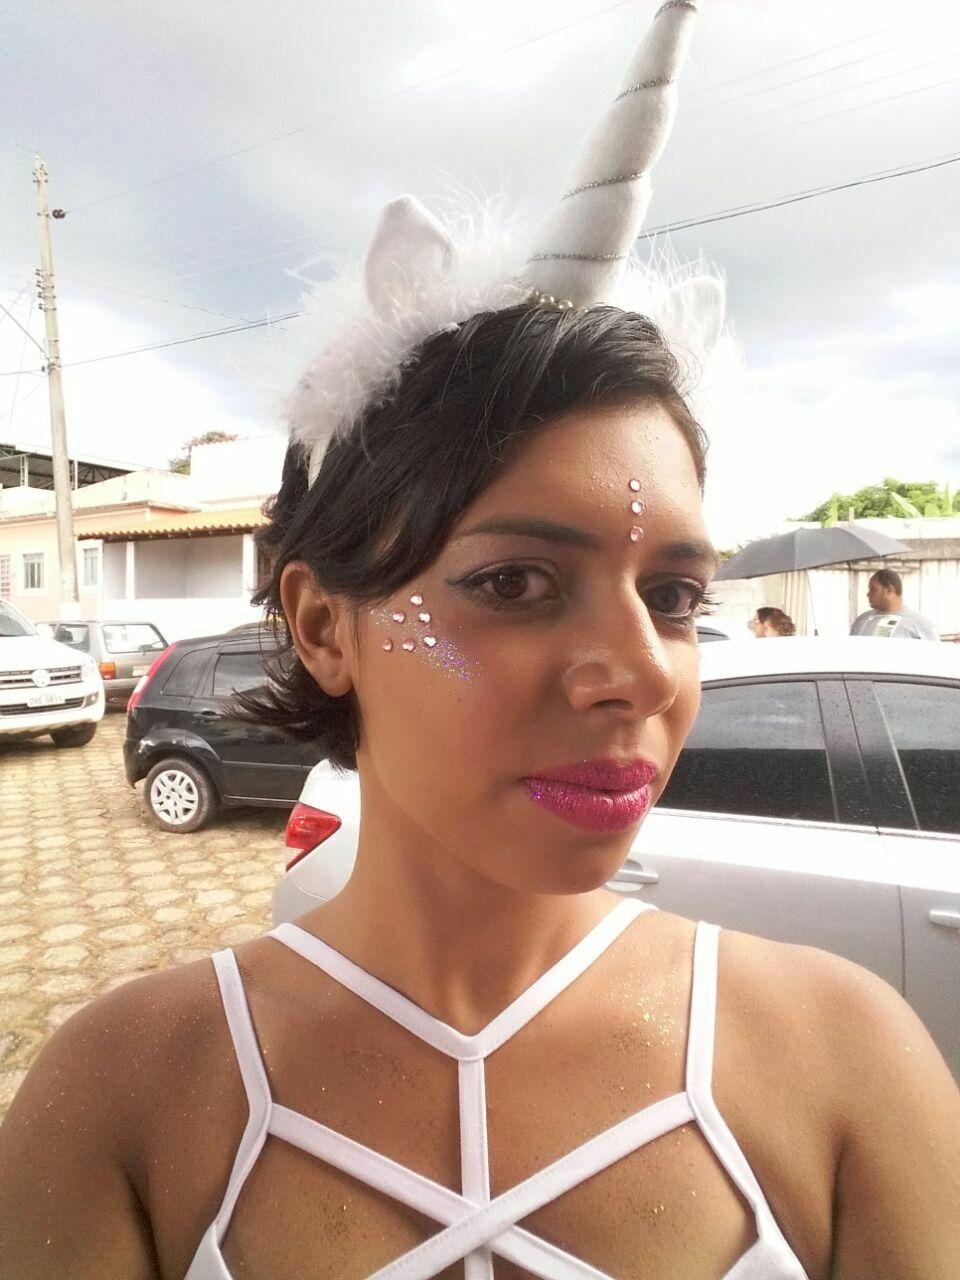 Maquiagem de unicórnio! Carnaval 2017